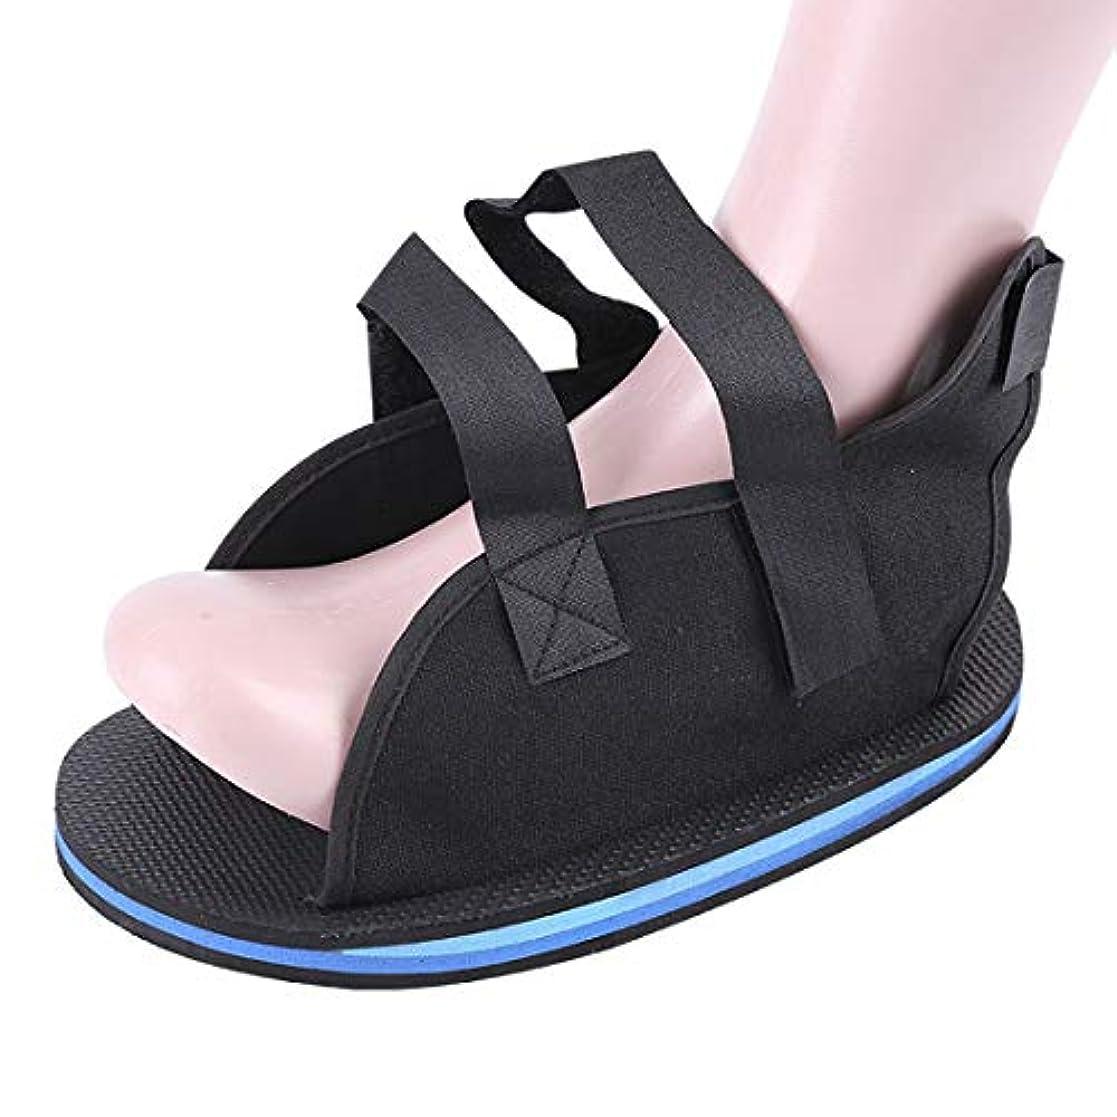 偽善者小競り合いかもめ医療足骨折石膏の回復靴の手術後のつま先の靴を安定化骨折の靴を調整可能なファスナーで完全なカバー,XS20cm